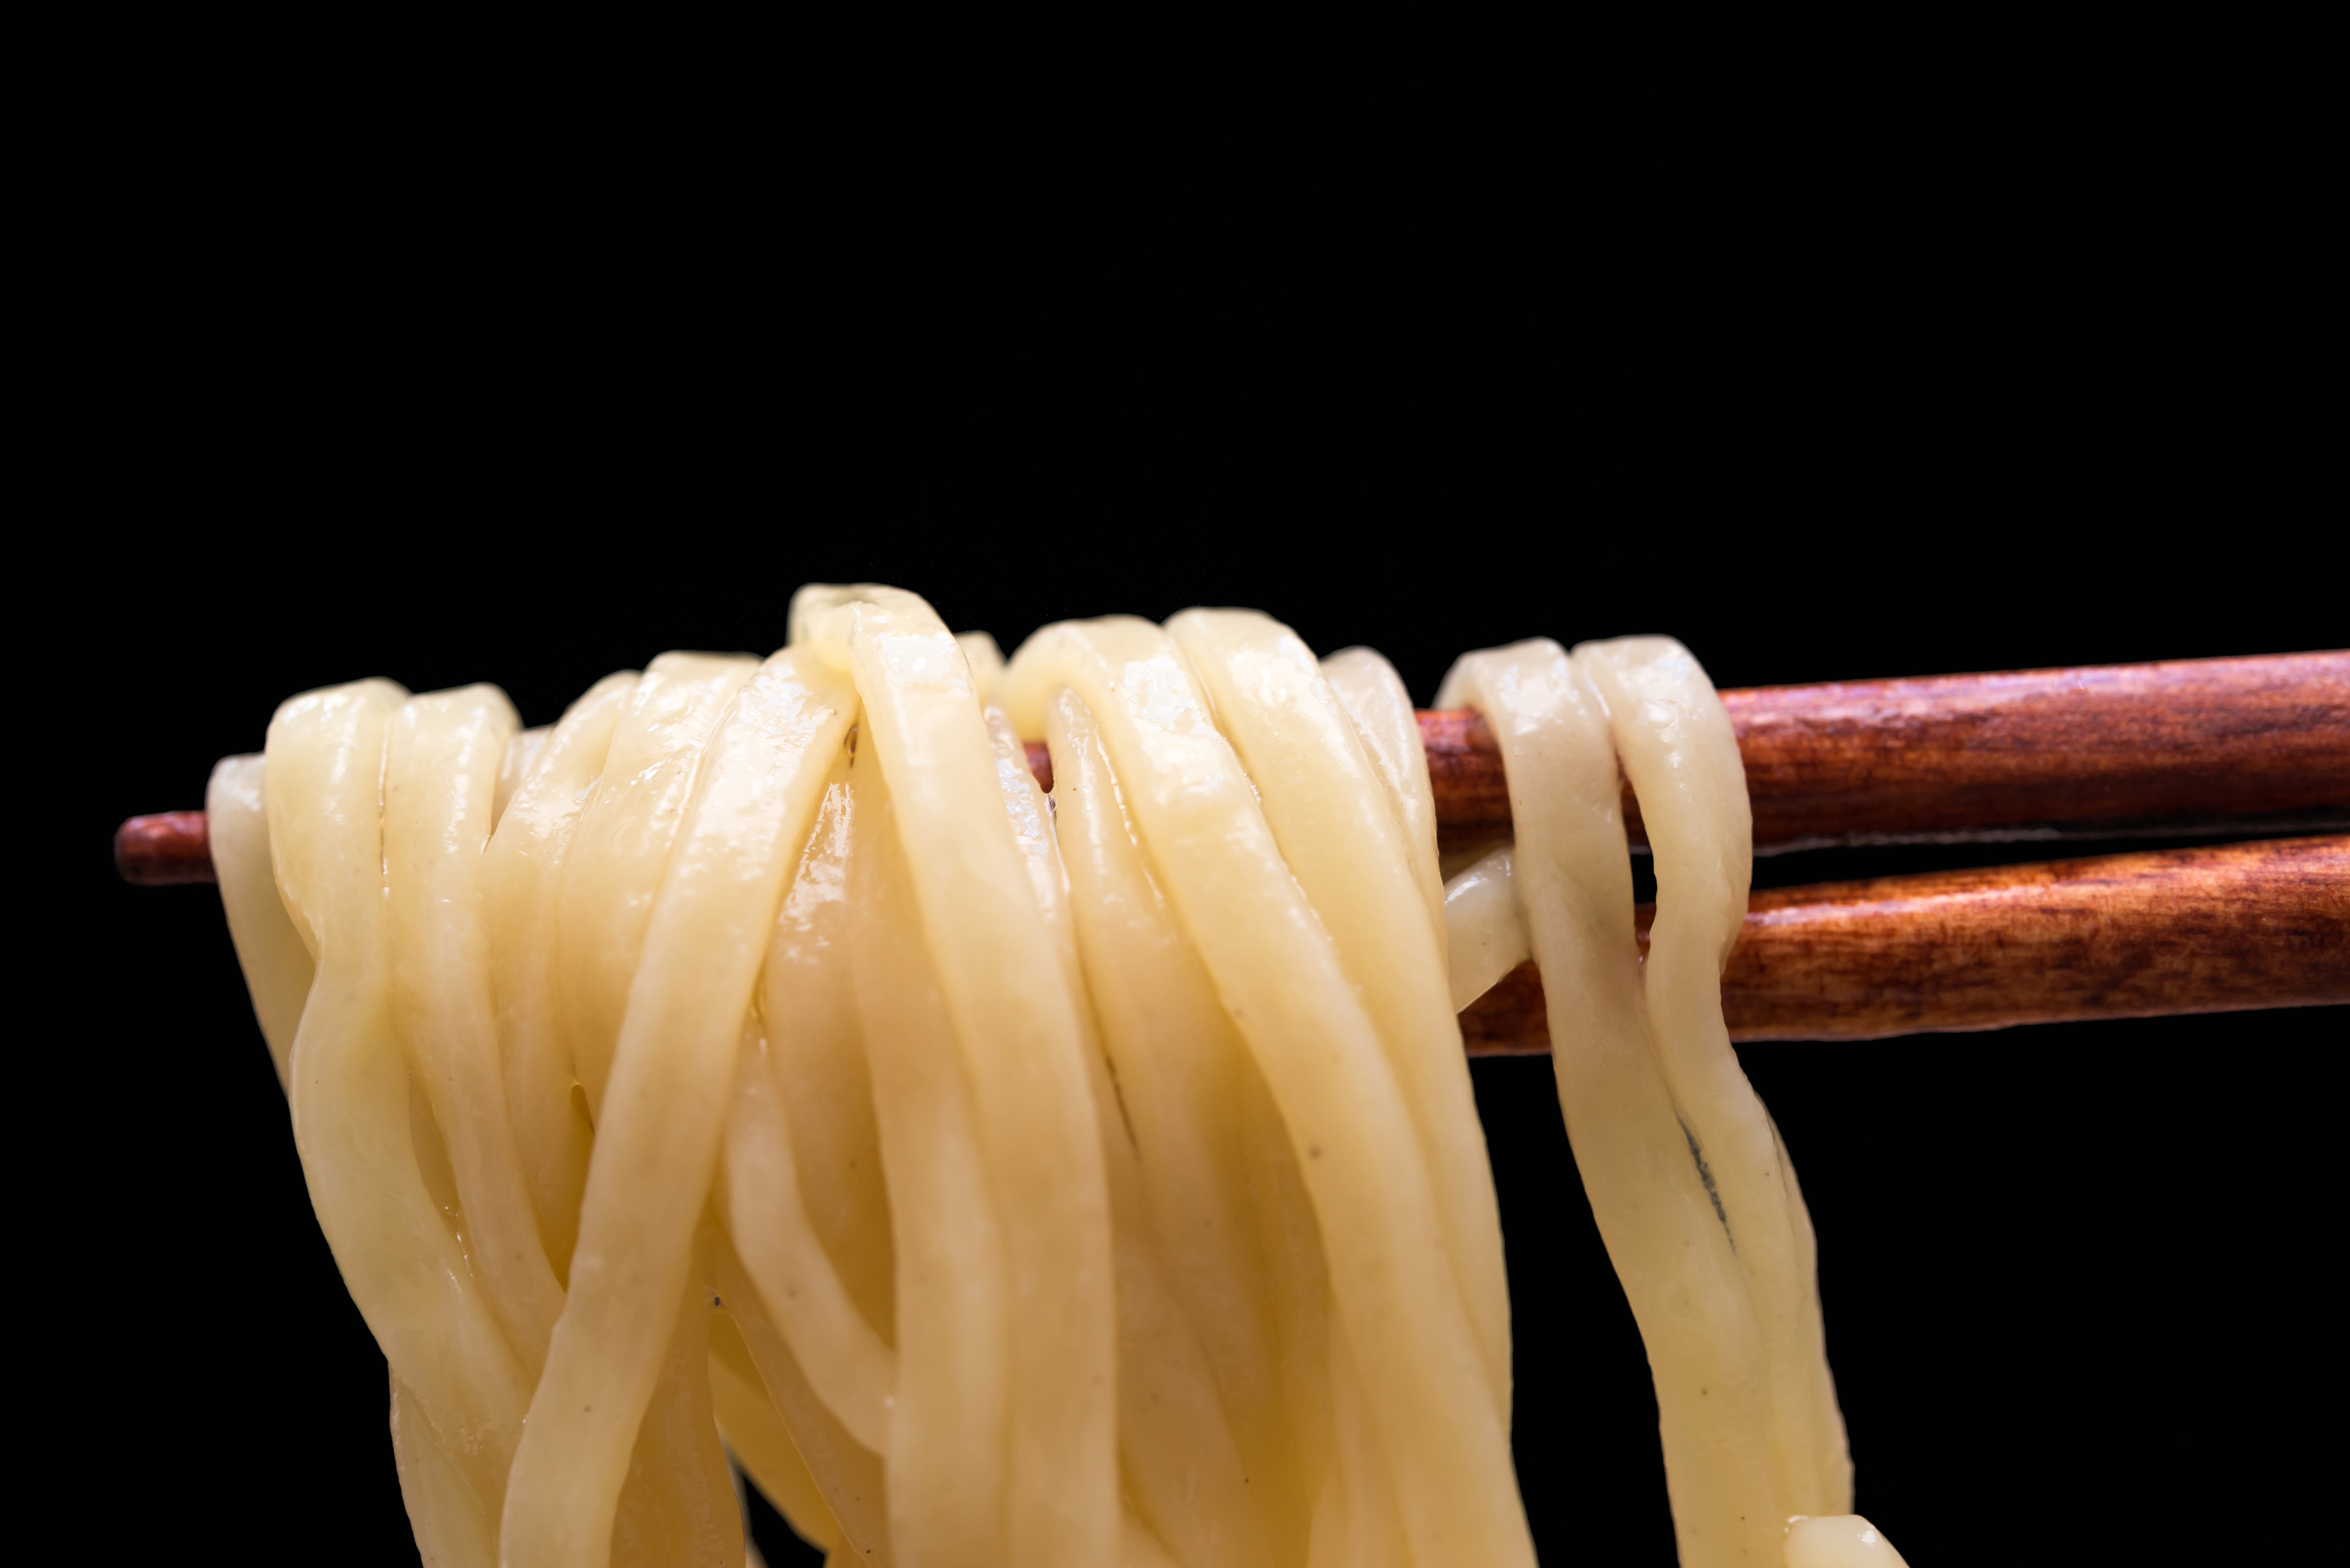 中野のつけ麺おすすめ人気店20選!ランチもディナーも安い!